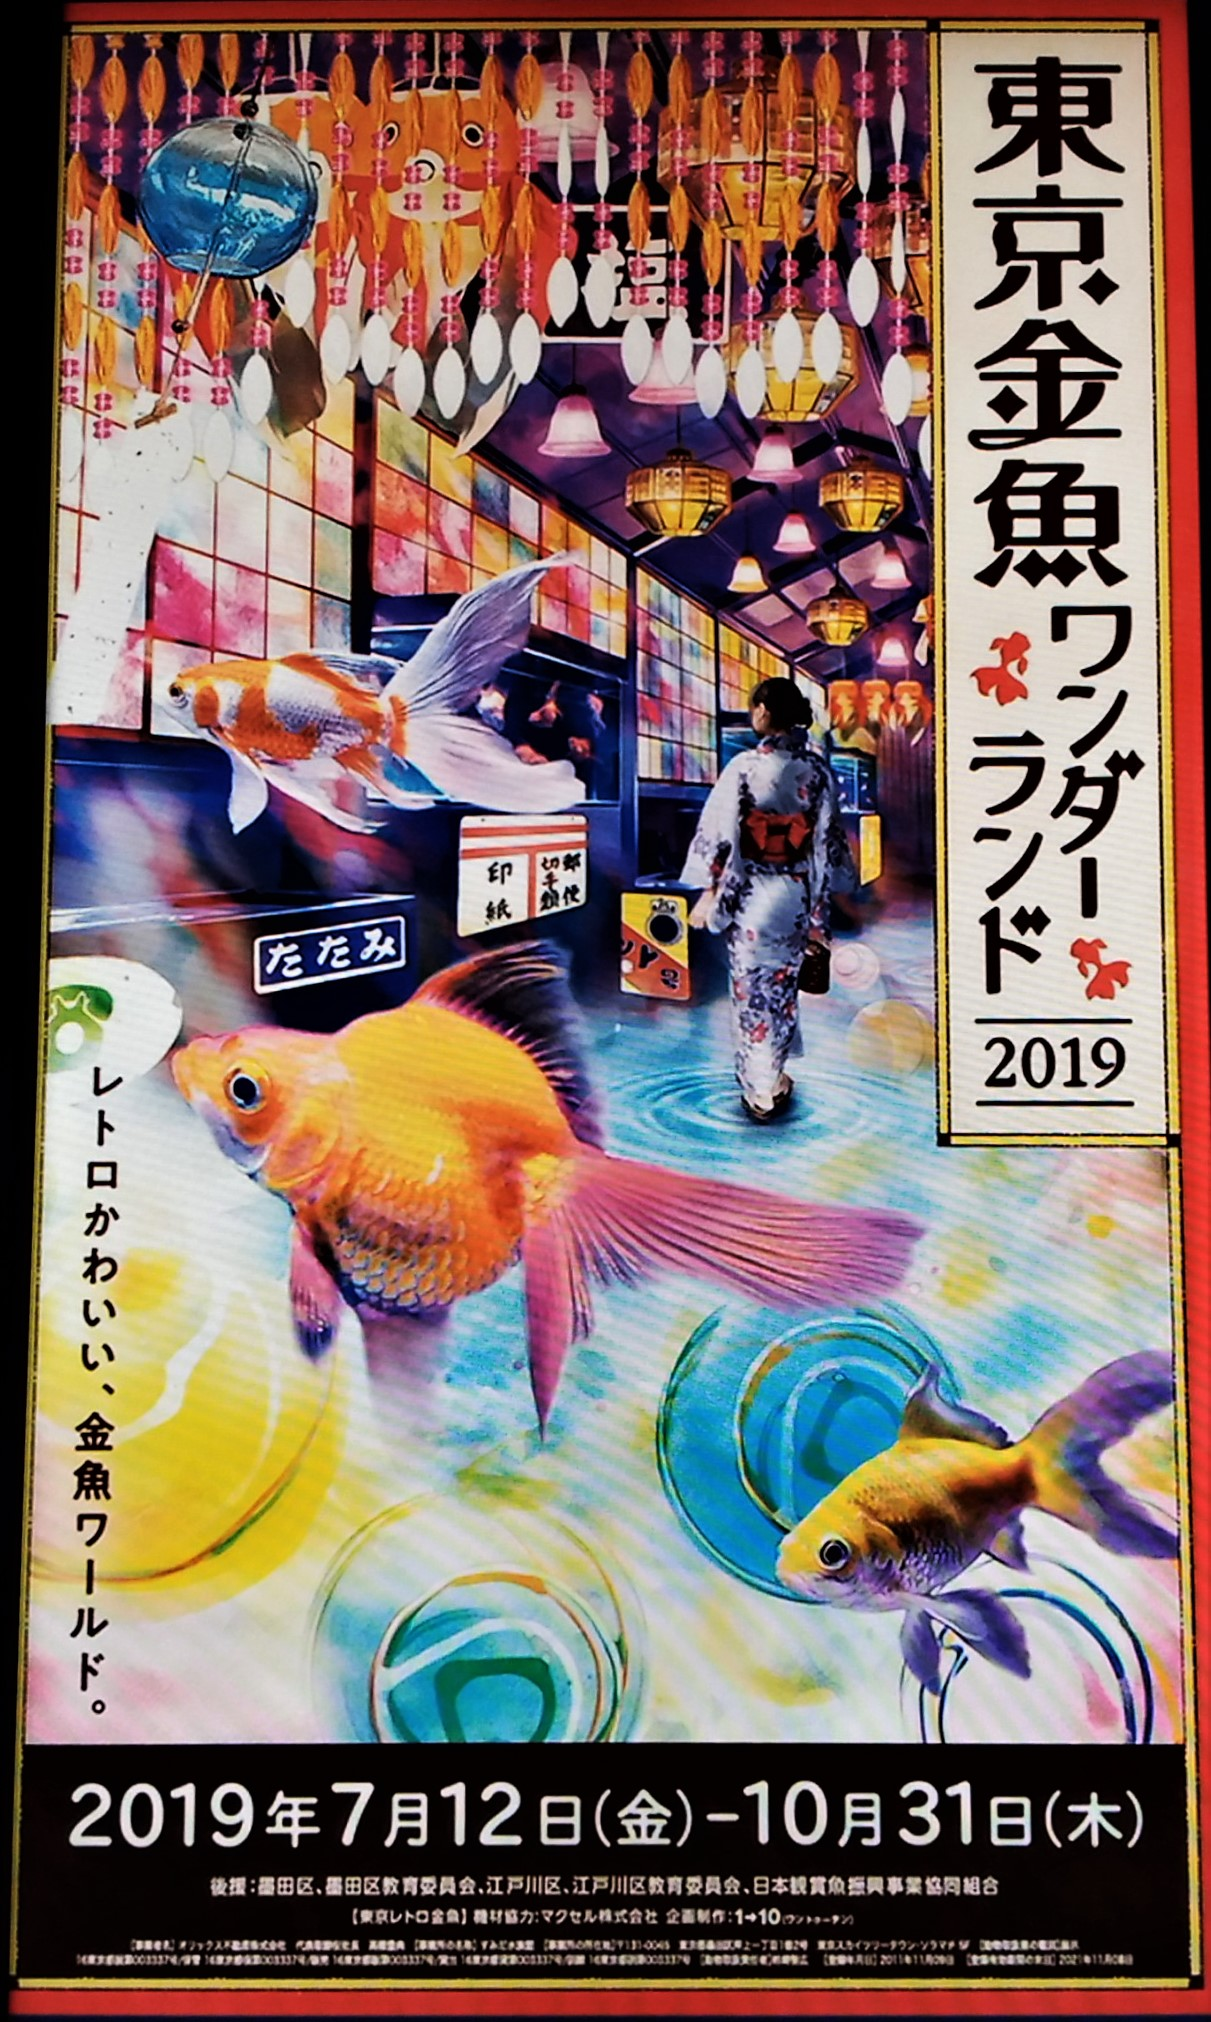 東京 金魚 ワンダーランド 2019